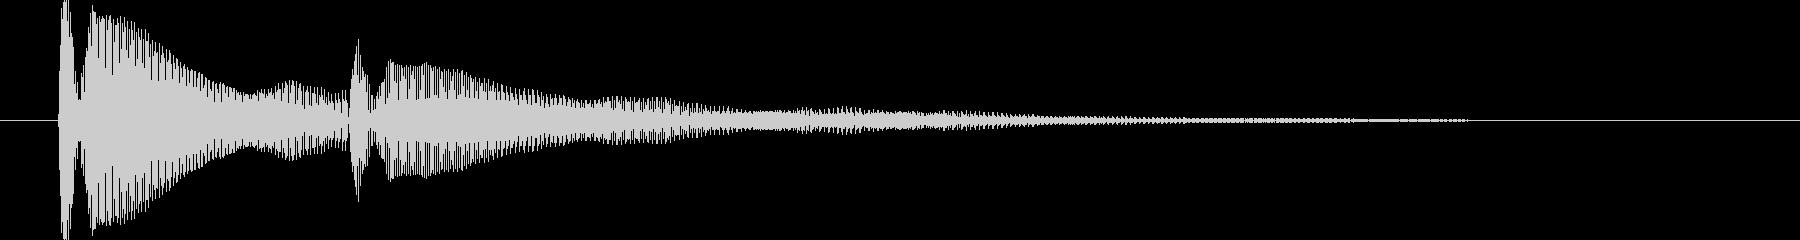 ピンポン【耳当たりのいい正解音】の未再生の波形